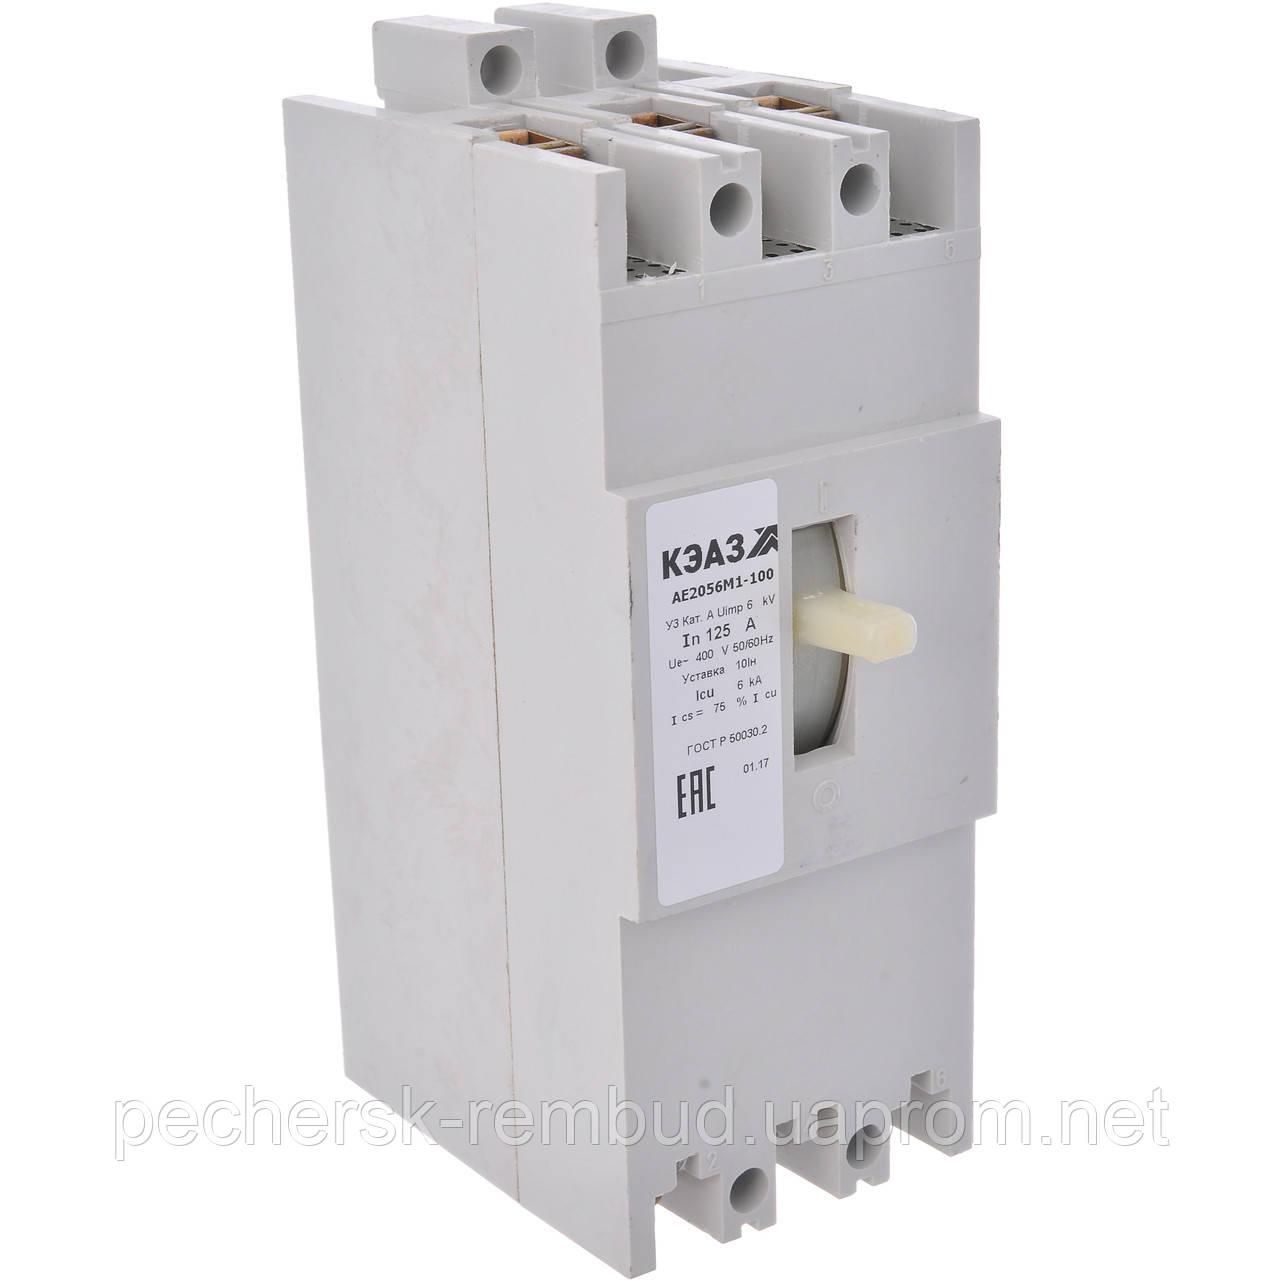 Автоматический выключательАЕ2056М1-100-125А-10Iн-400AC